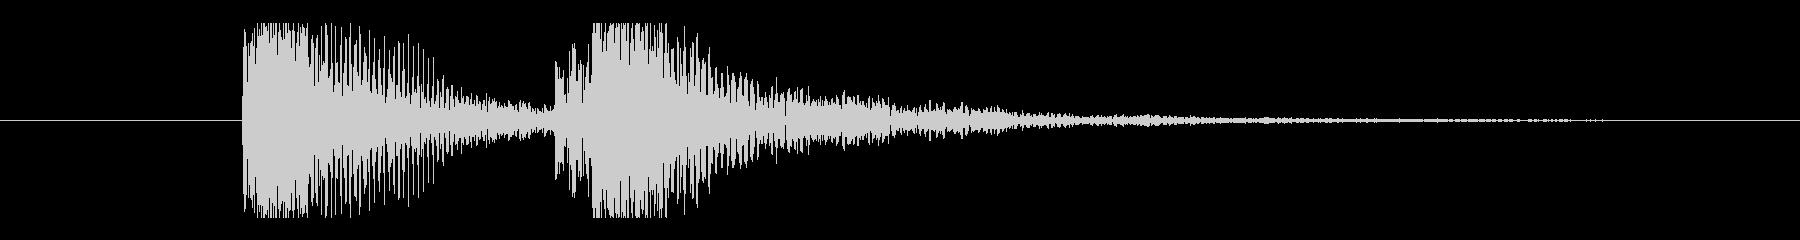 カカッ。Eギター、カッティング音の未再生の波形